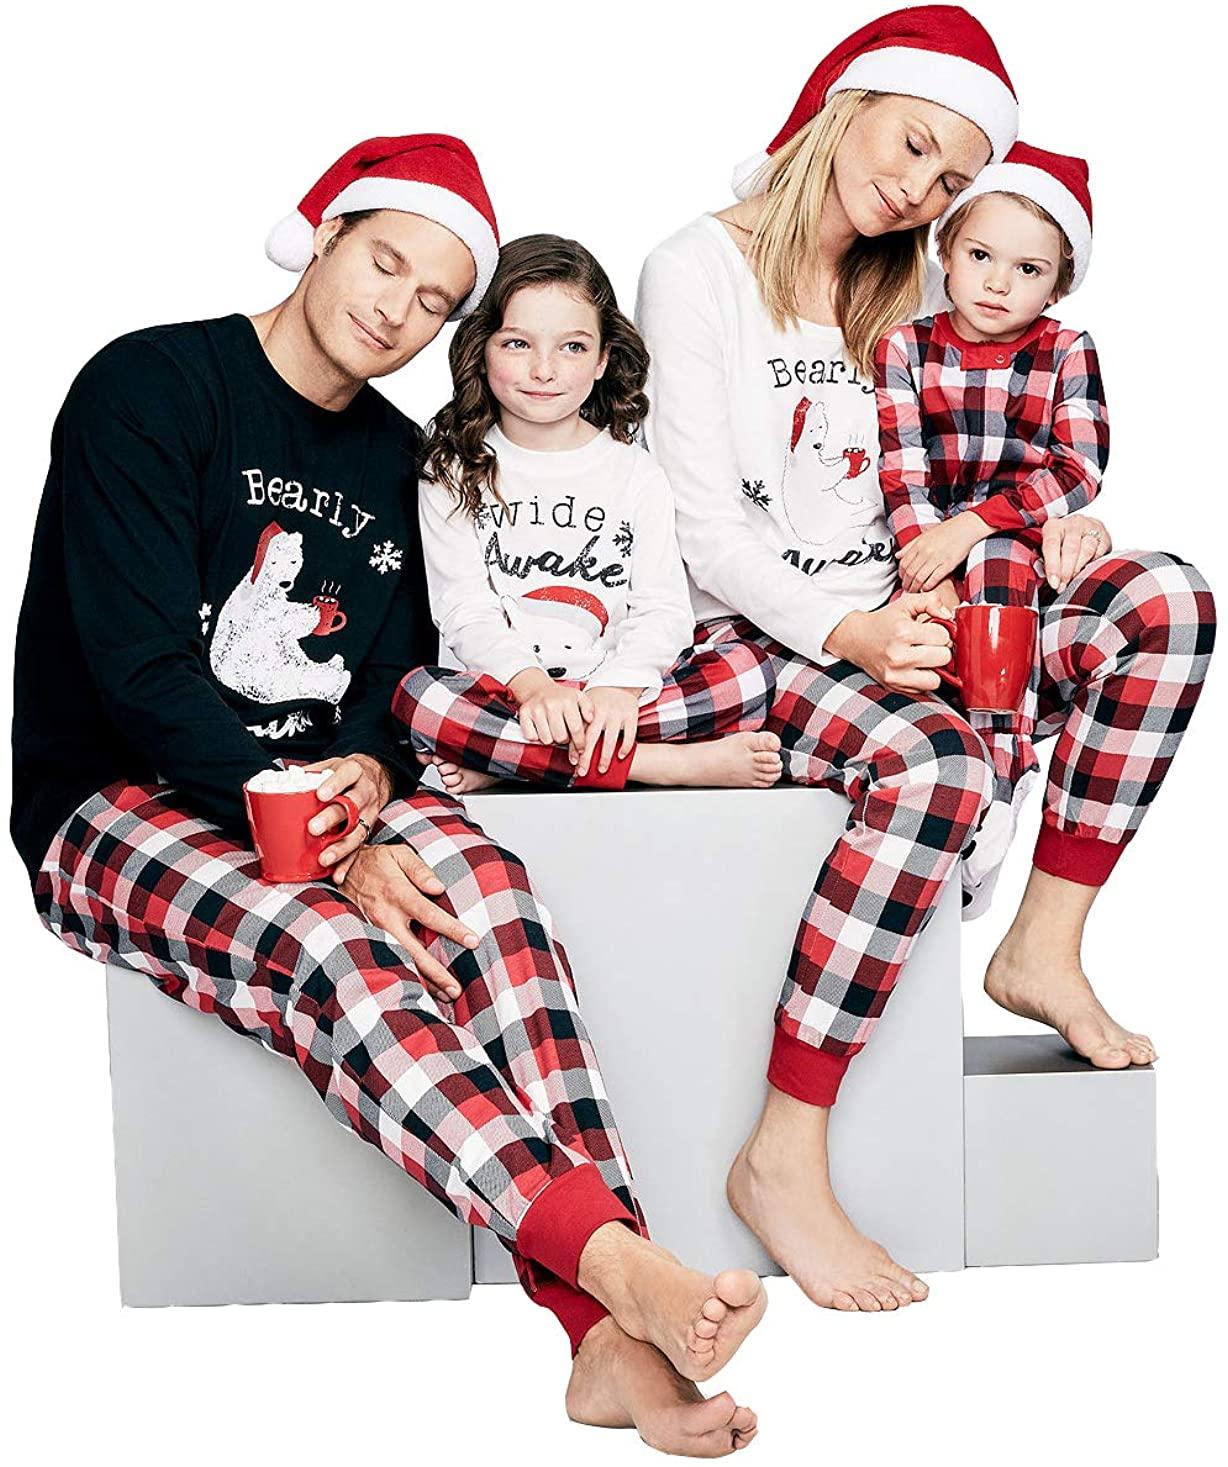 Papa Mama Kids Baby Bearly Awake Christmas Matching Family Pajamas Set